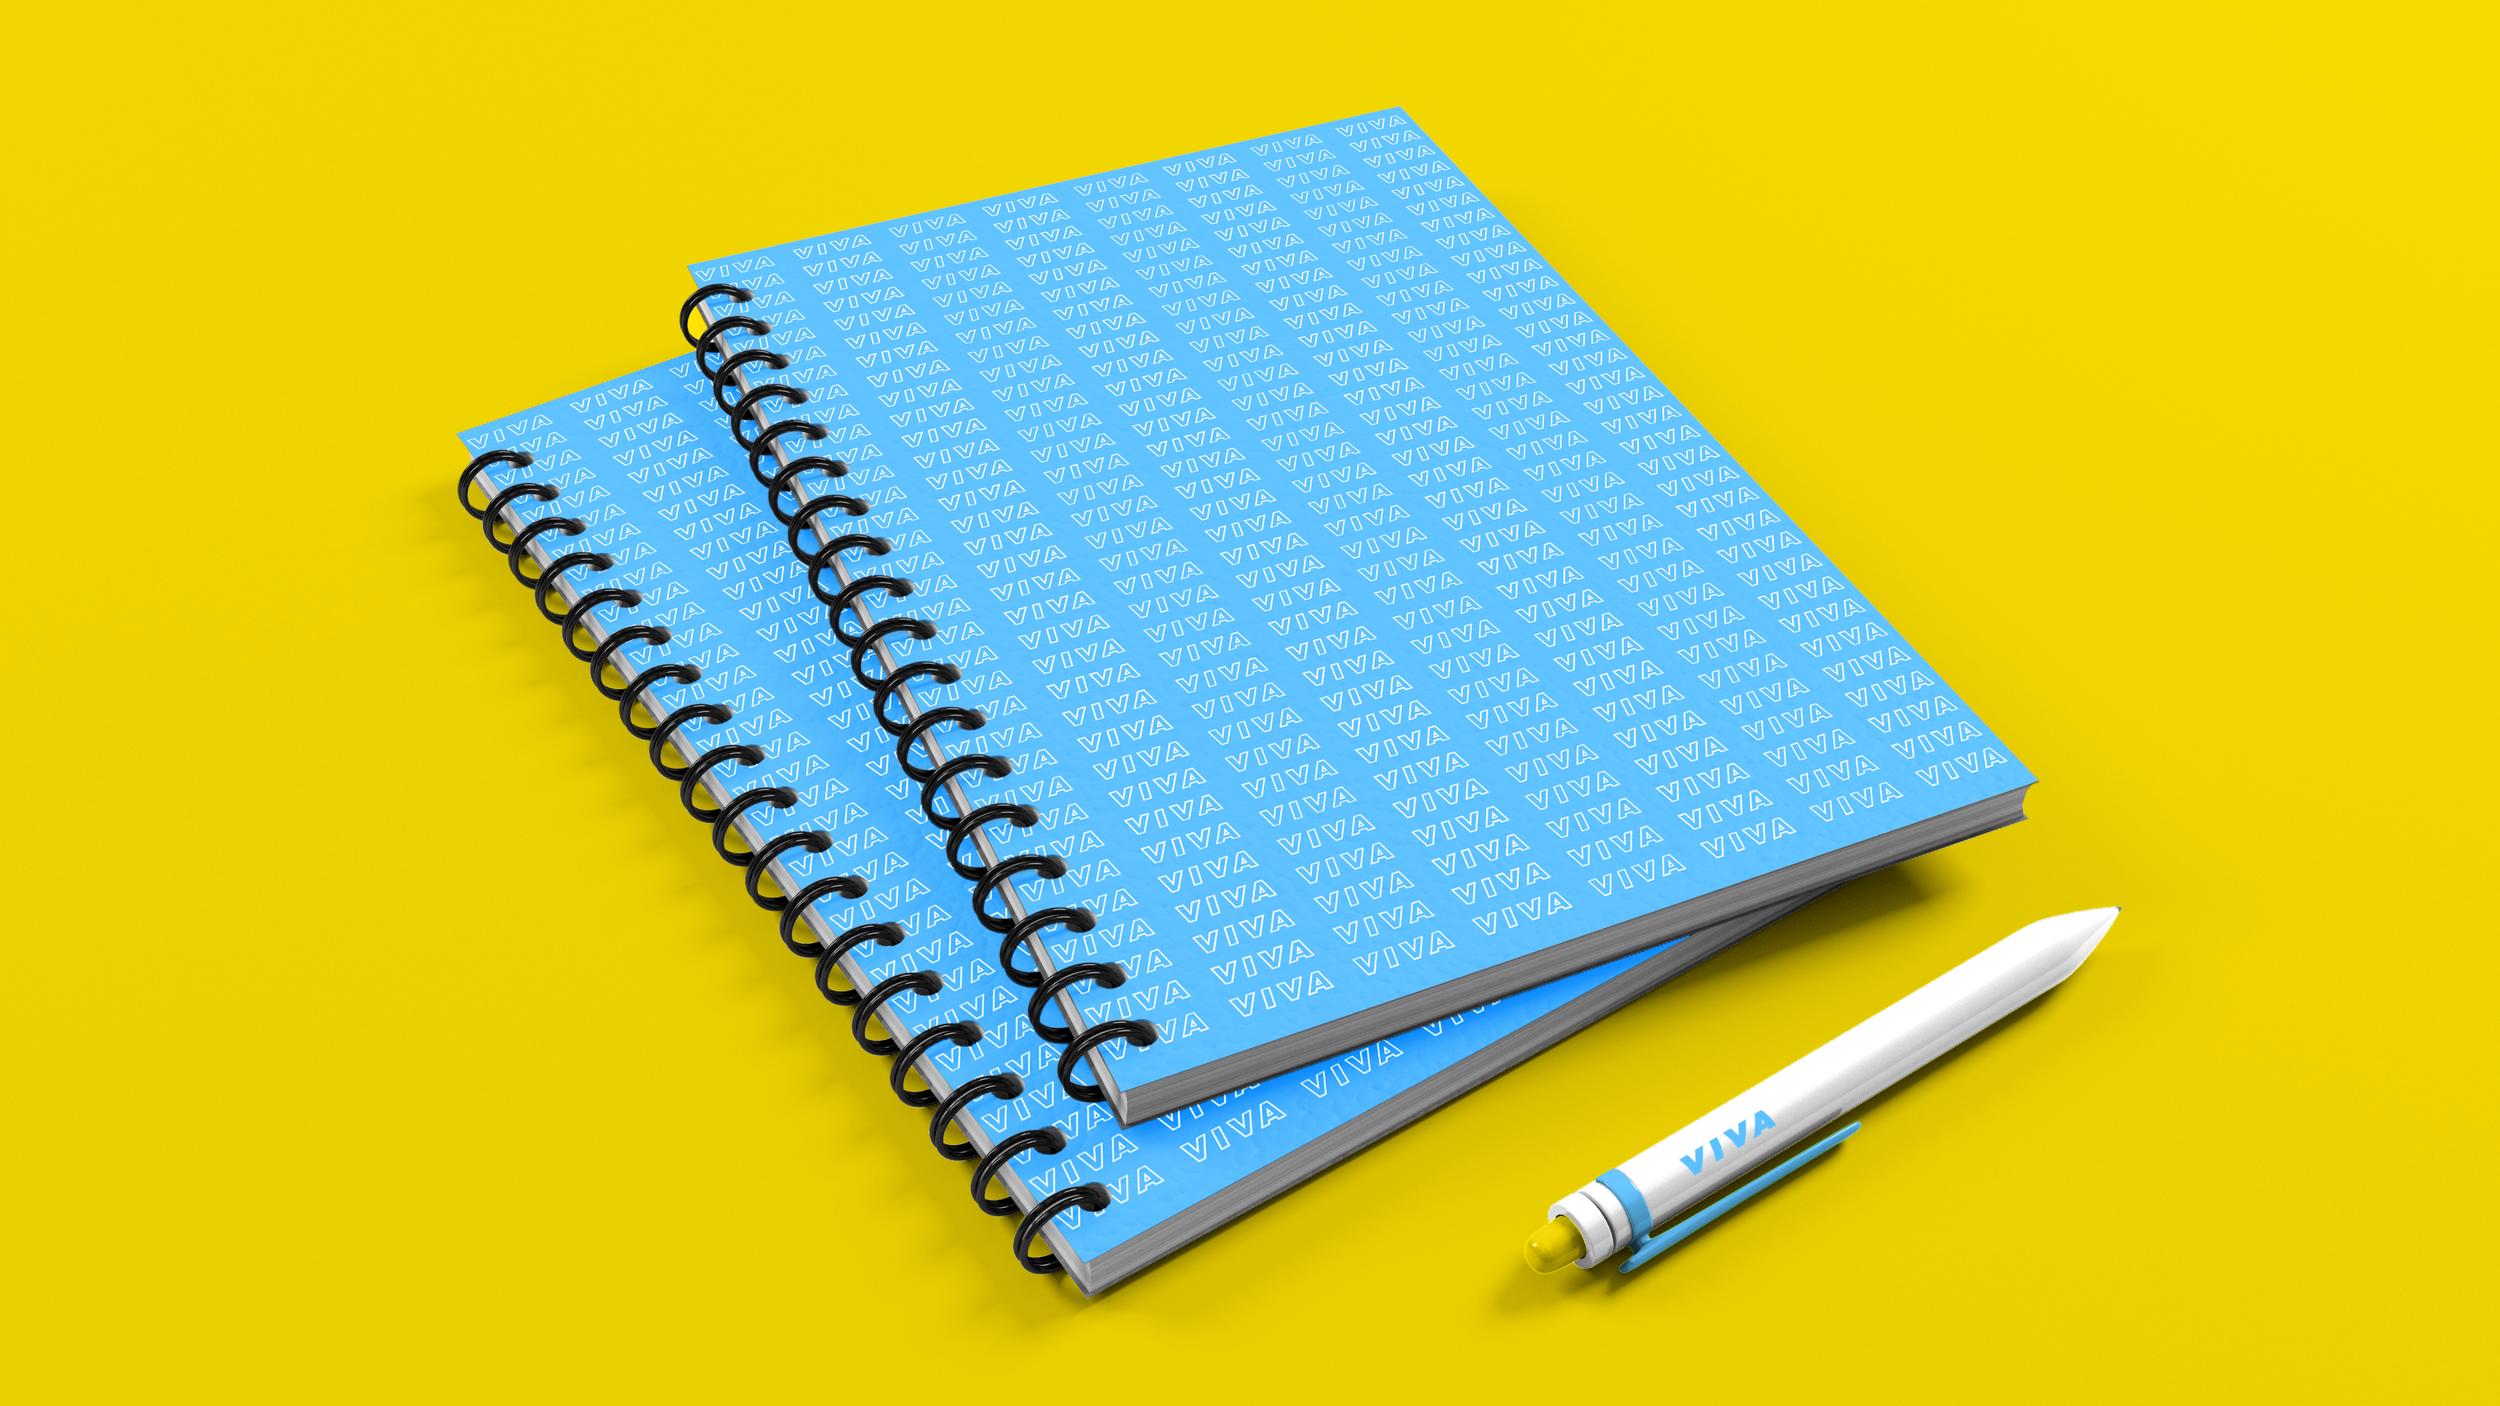 NotebookMockup.png